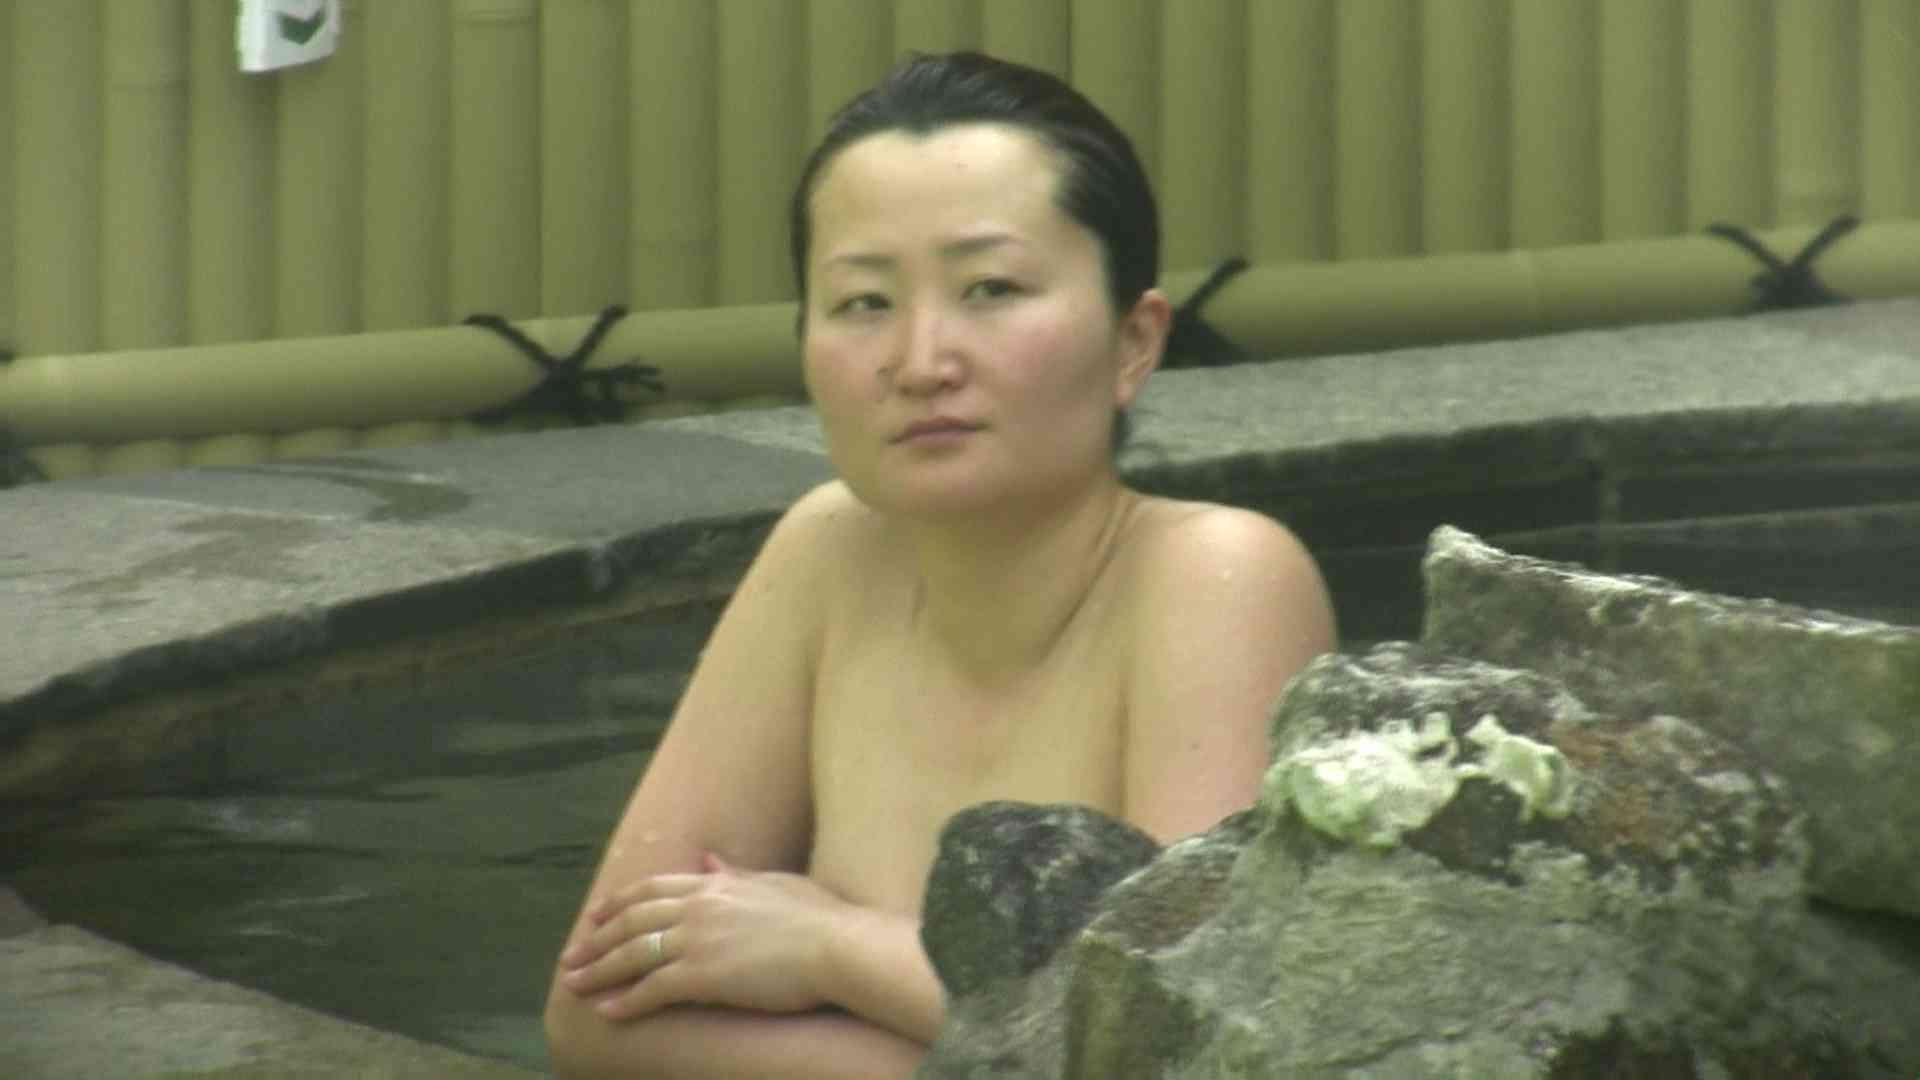 Aquaな露天風呂Vol.632 盗撮  41PICs 30